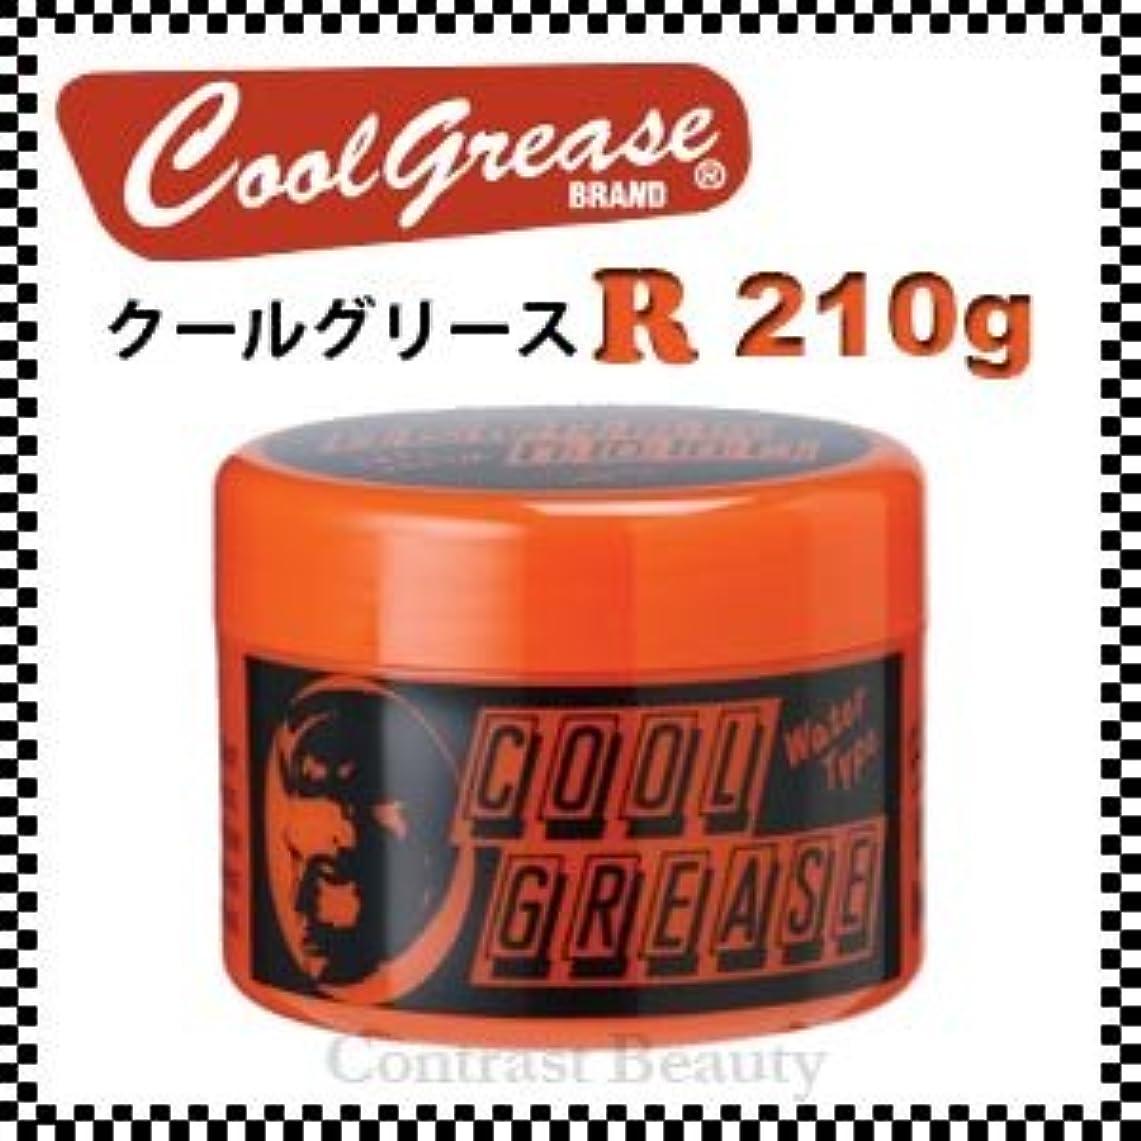 温室アセ否認する【X3個セット】 阪本高生堂 クールグリース R 210g